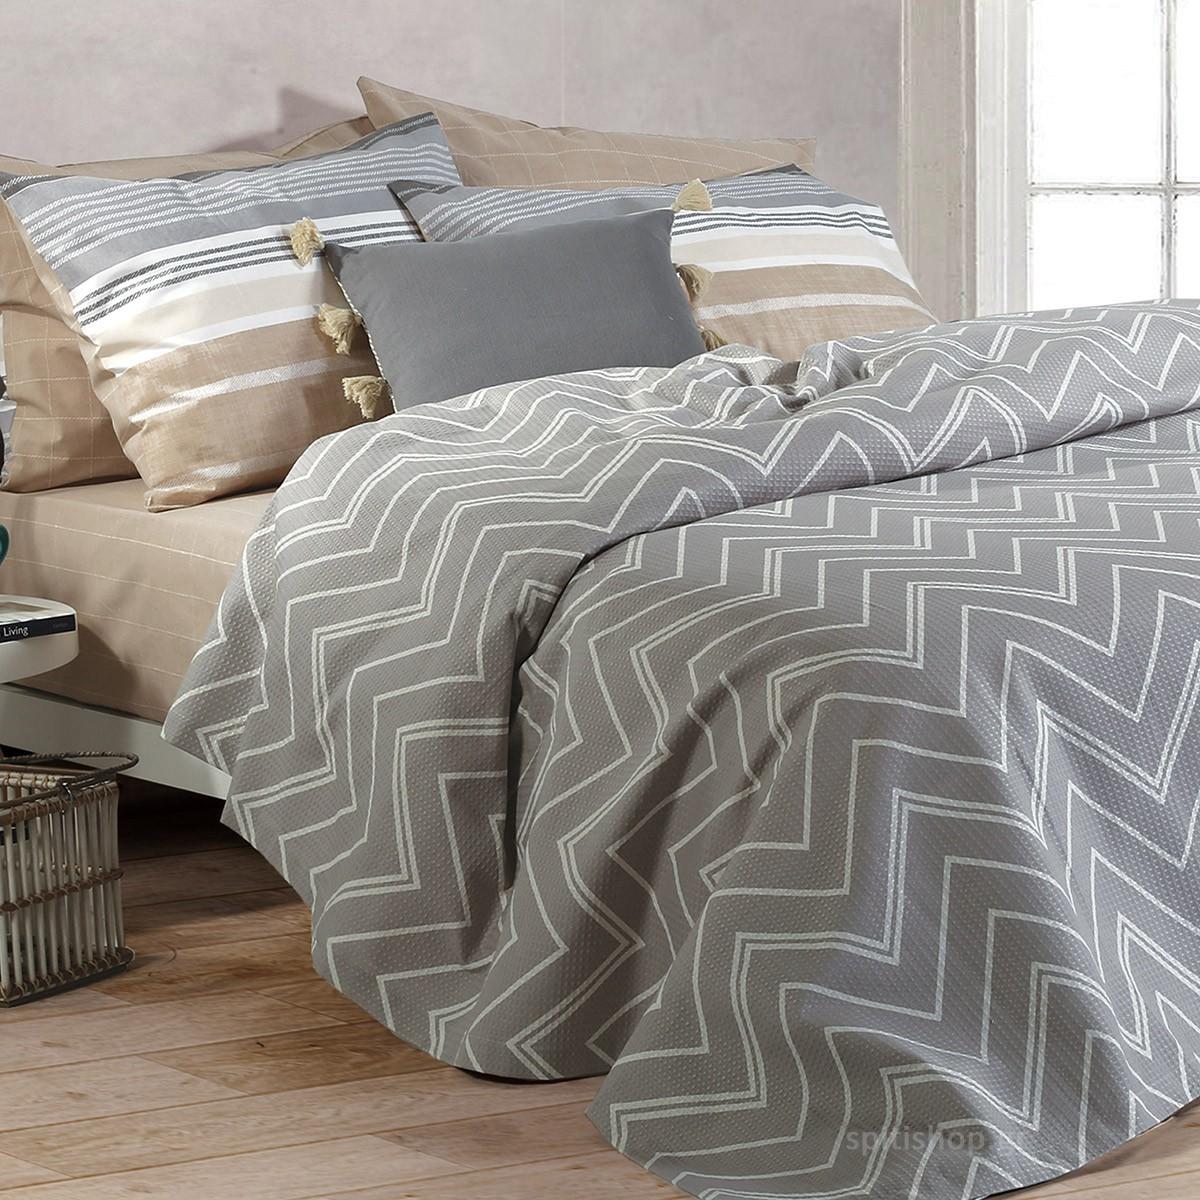 Κουβερτόριο Μονό Nef-Nef Vetta Grey home   κρεβατοκάμαρα   κουβέρτες   κουβέρτες καλοκαιρινές μονές